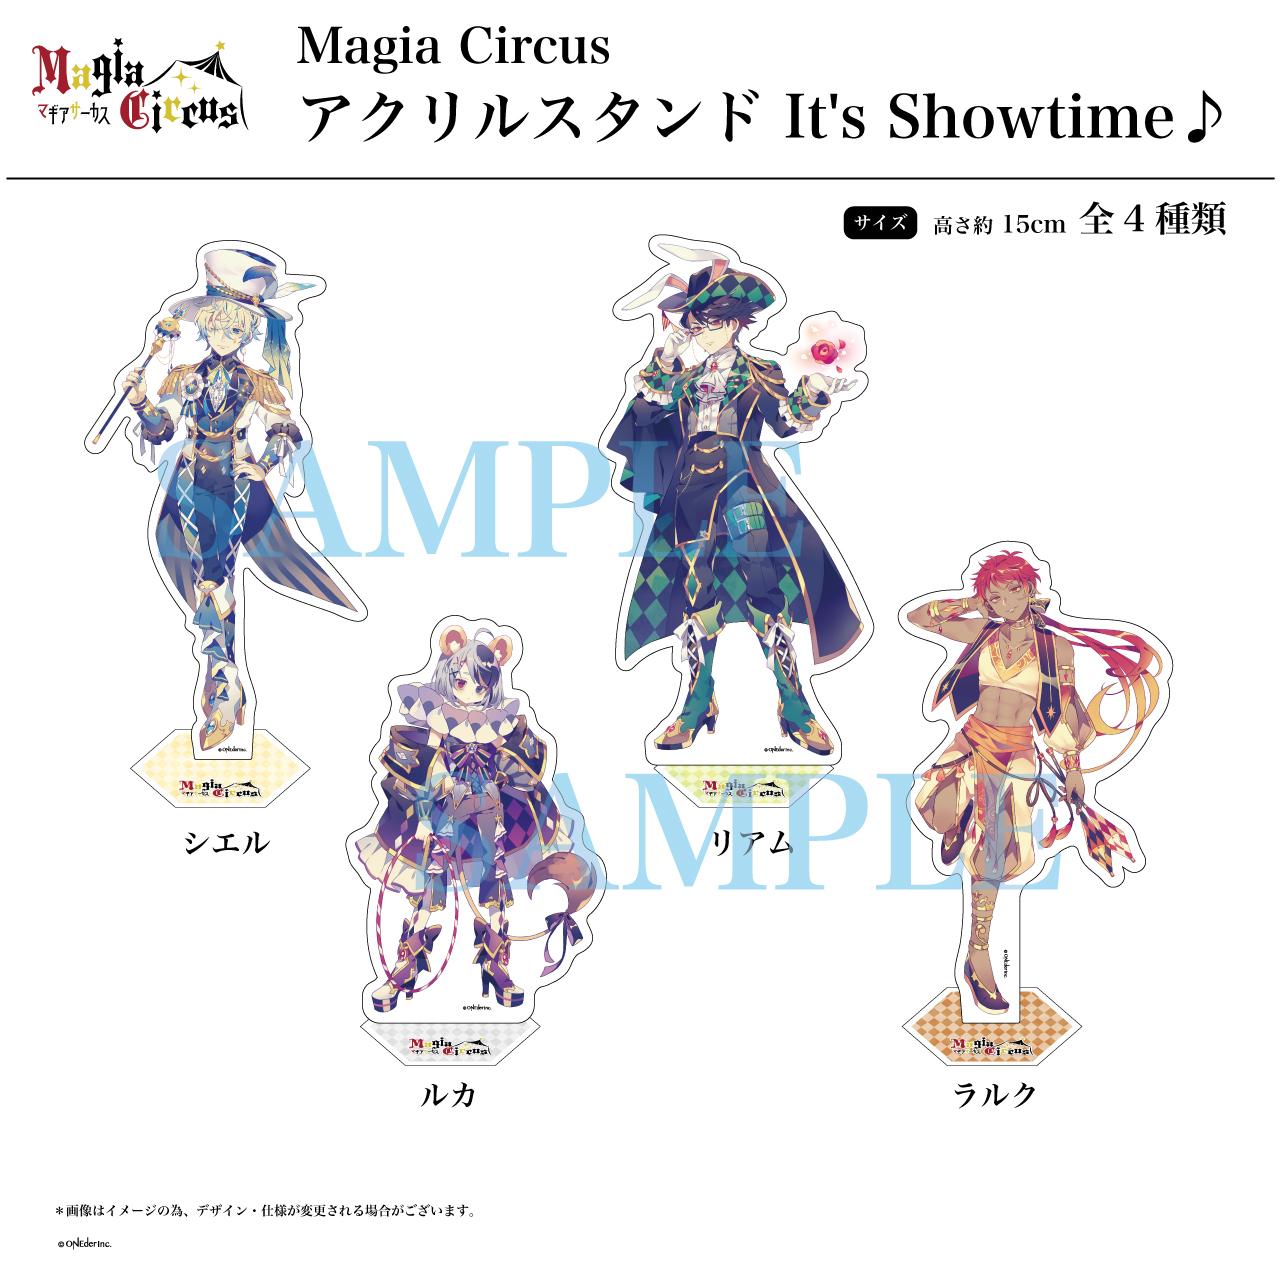 【Magia Circus】アクリルスタンド